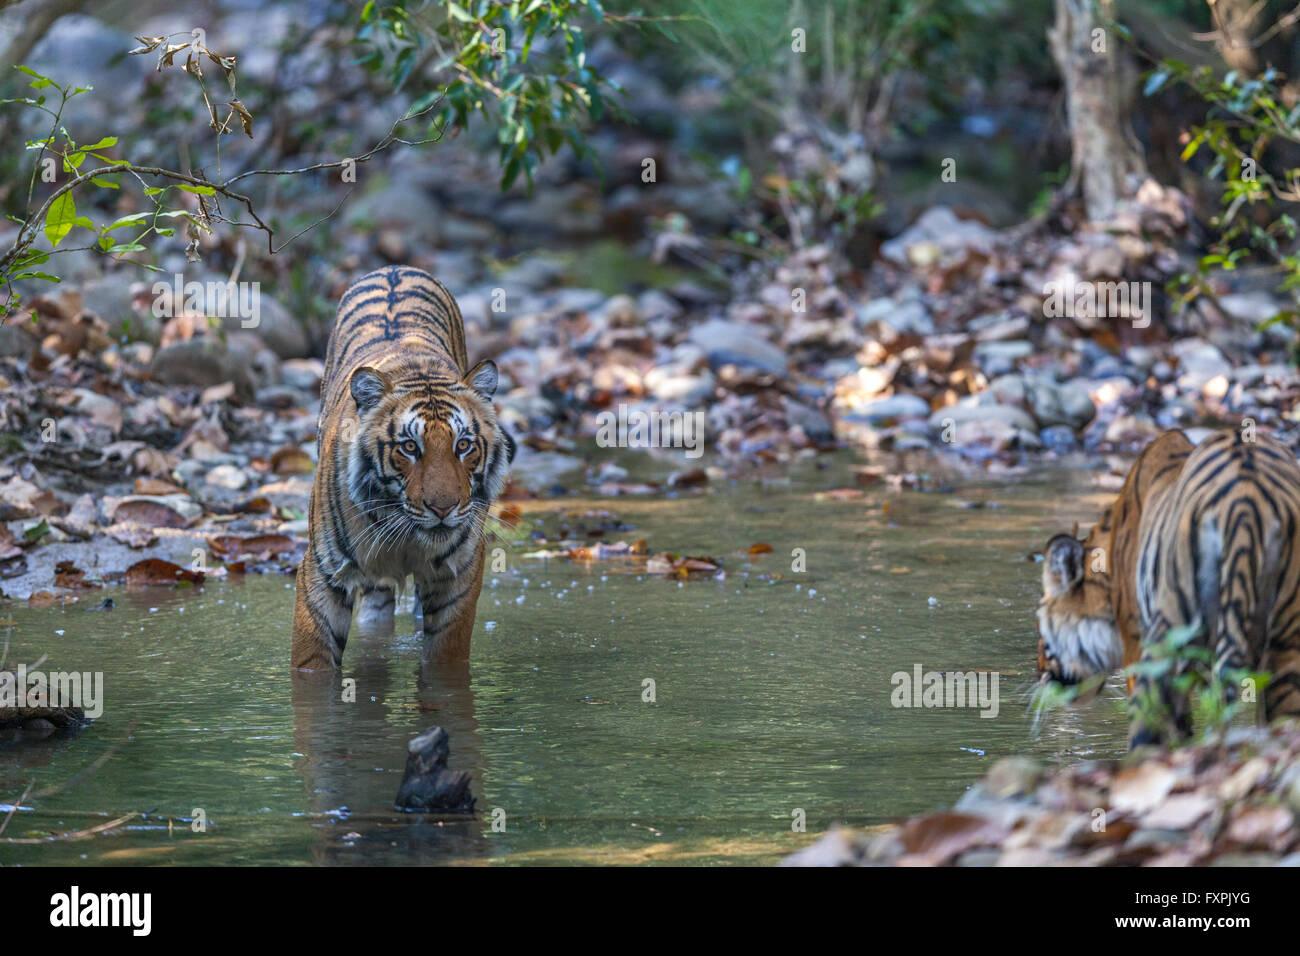 Sub adult Bengal Tigers at Jim Corbett National Park, India. ( Panthera Tigris ) - Stock Image